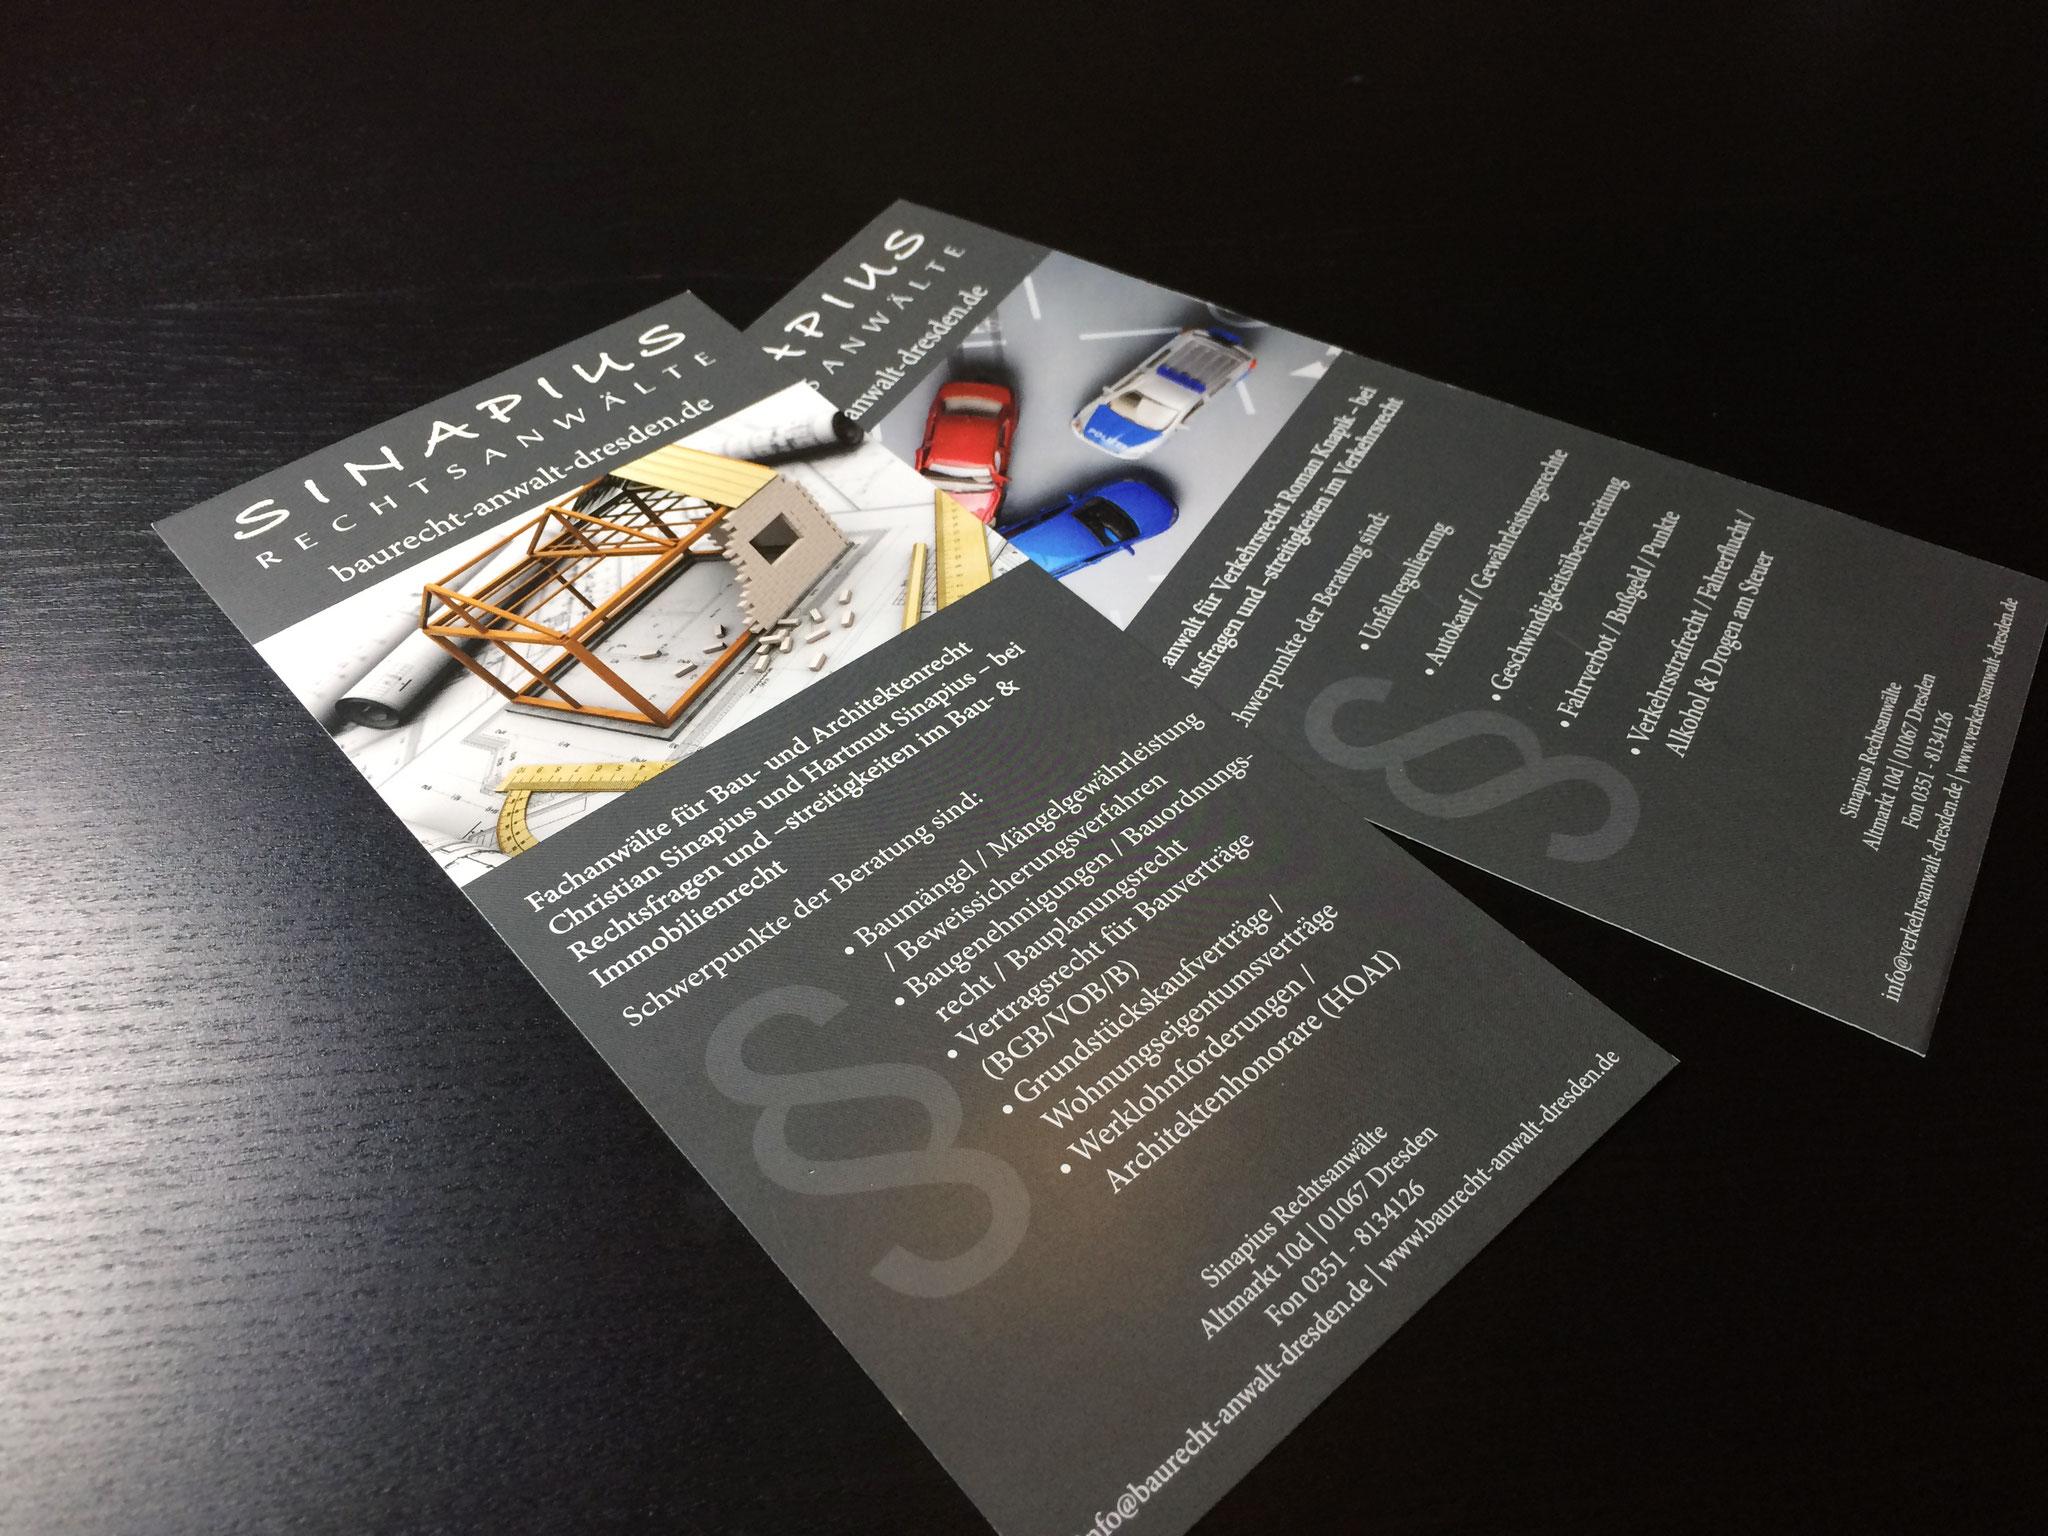 Gestaltung Flyer DINlang nach Corporate Design Richtlinien